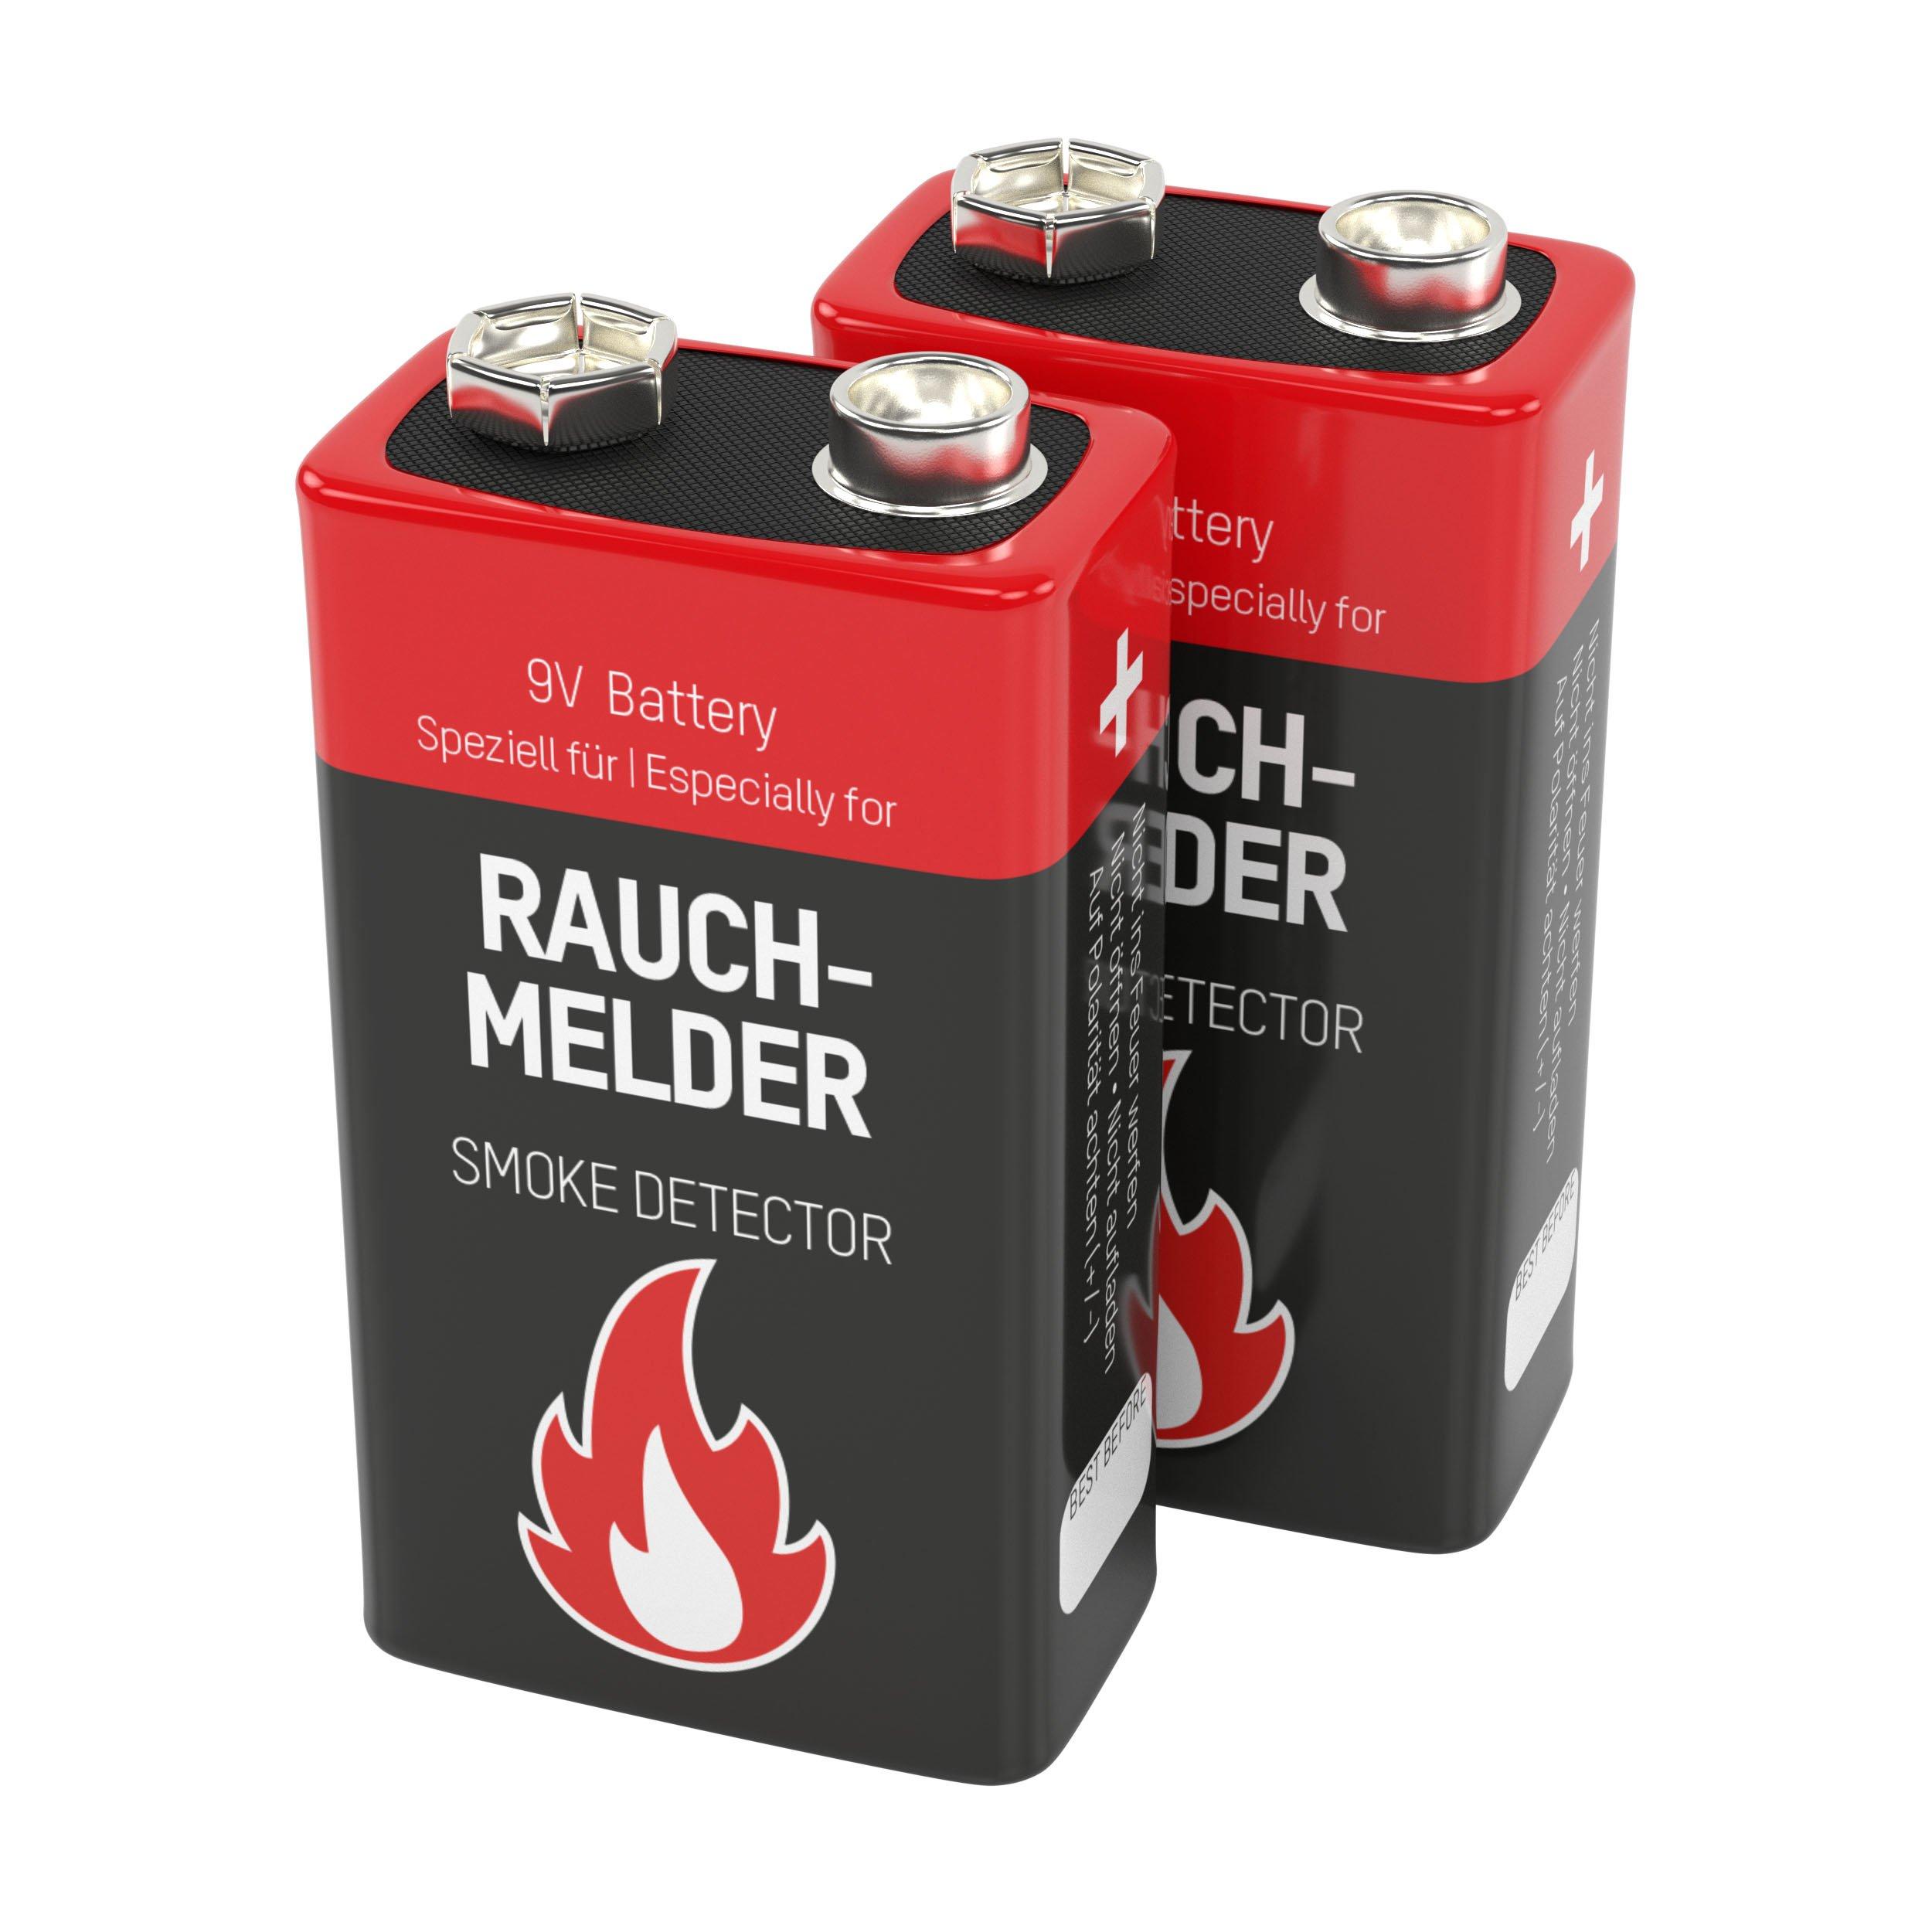 Ansmann 9V Alkaline Battery for Smoke Detectors Battery, Red, 2-Pack (1515-0006)